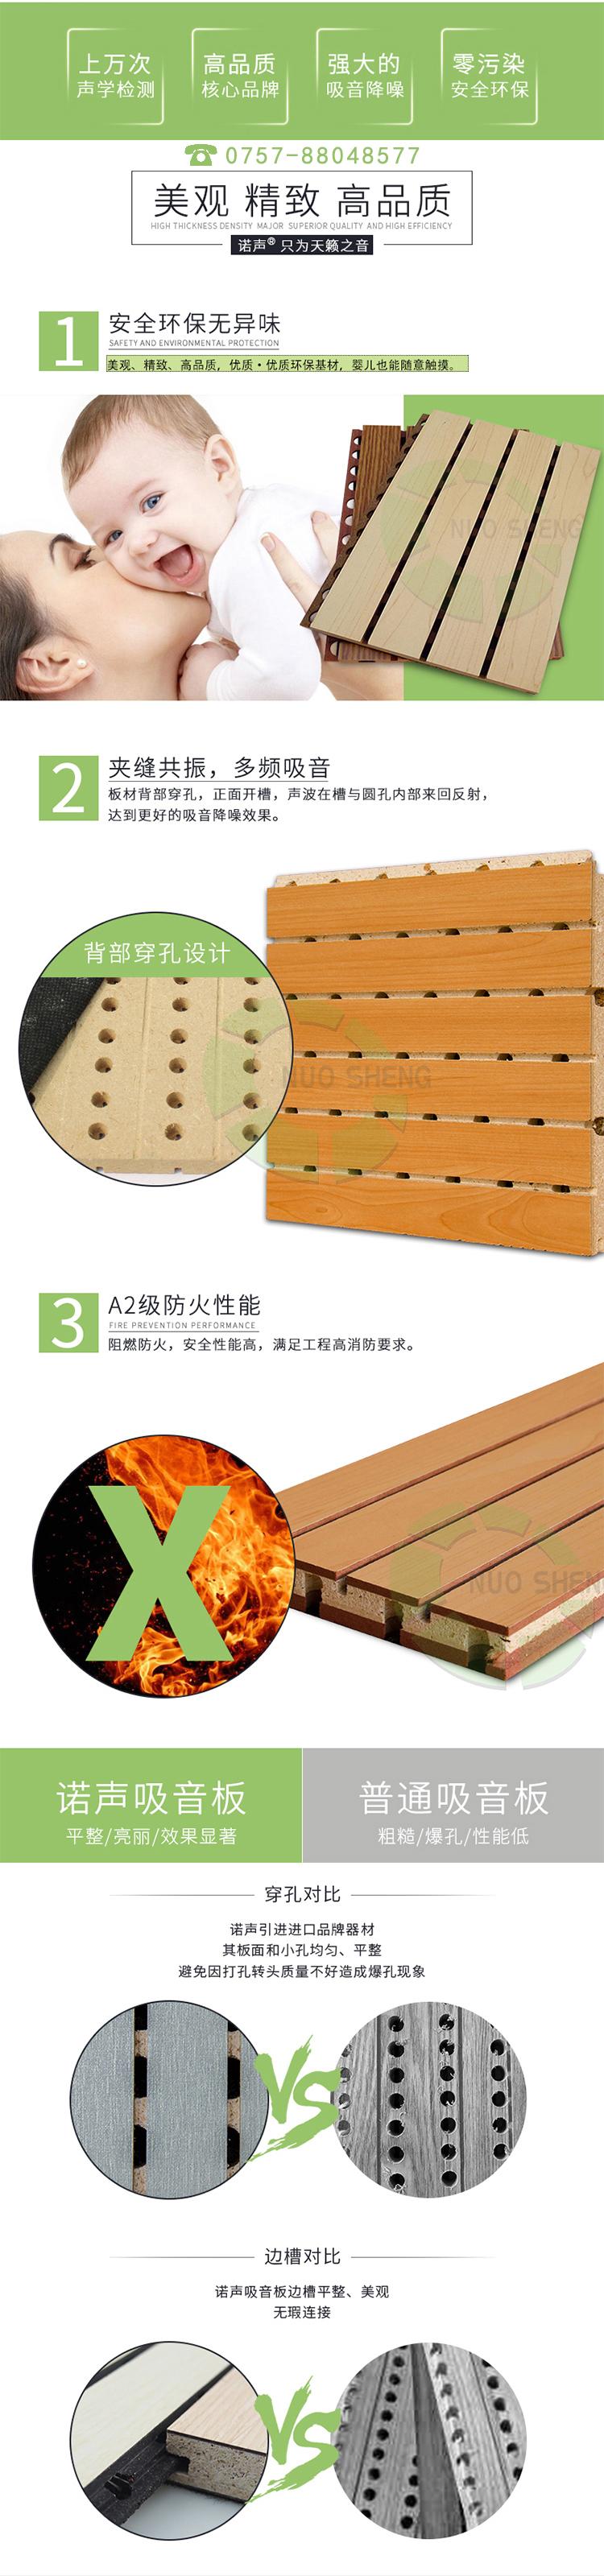 会议室槽木吸音板产品优势